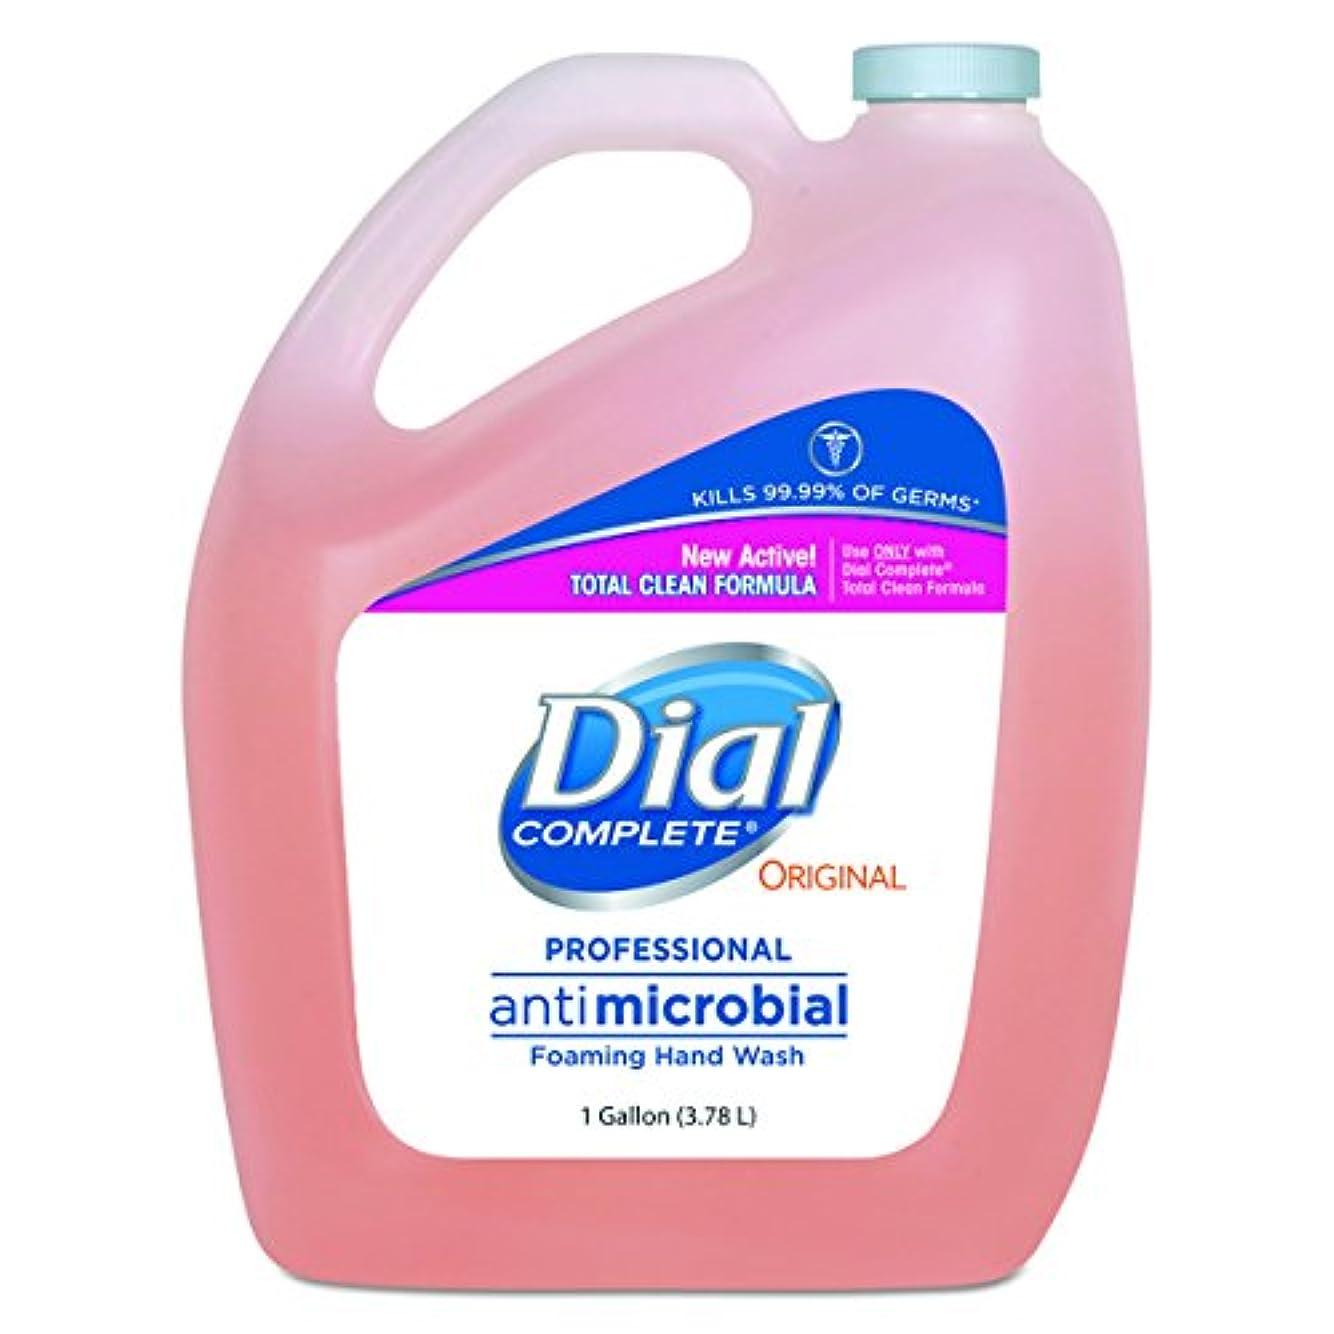 混乱させるリラックス朝食を食べるダイヤルProfessional抗菌Foaming Hand Soap、元香り, 1 gal。、4 /カートン